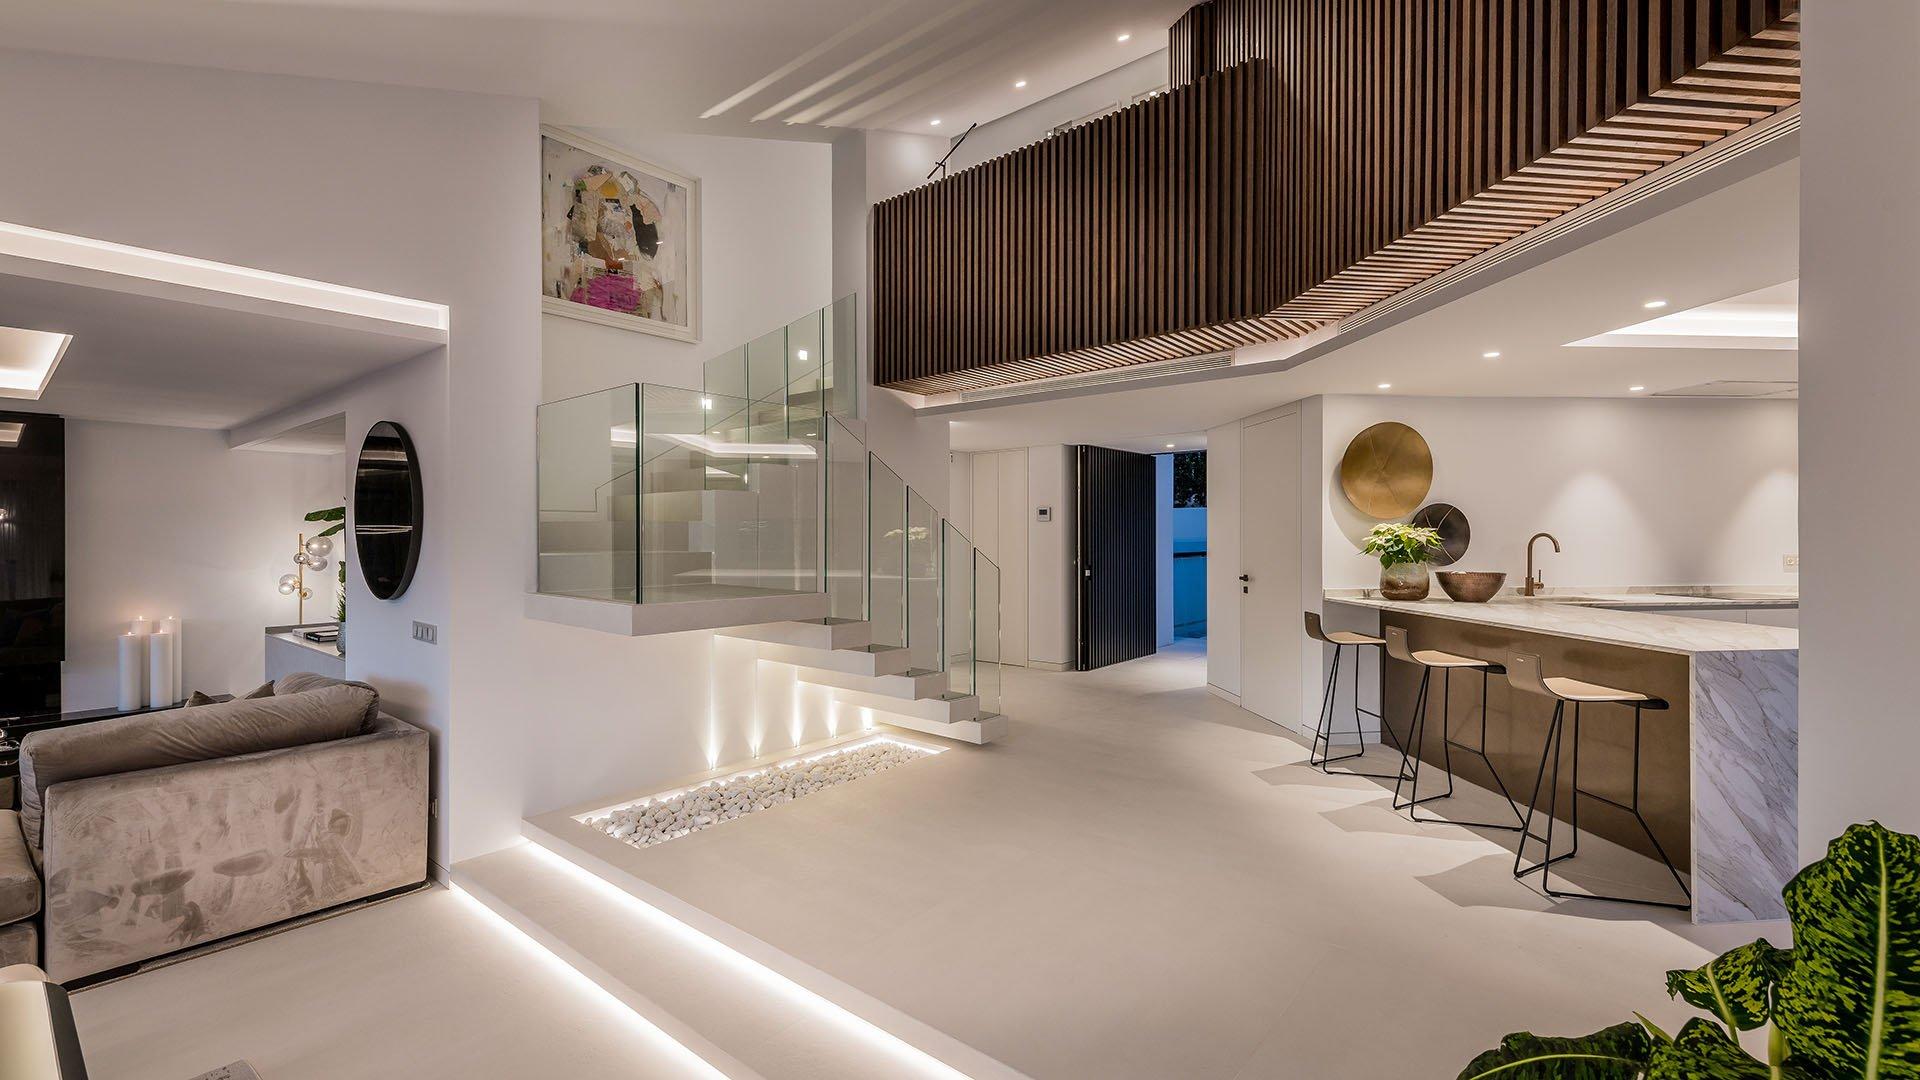 Villa Laranja: Contemporary villa in Nueva Andalucía, Marbella